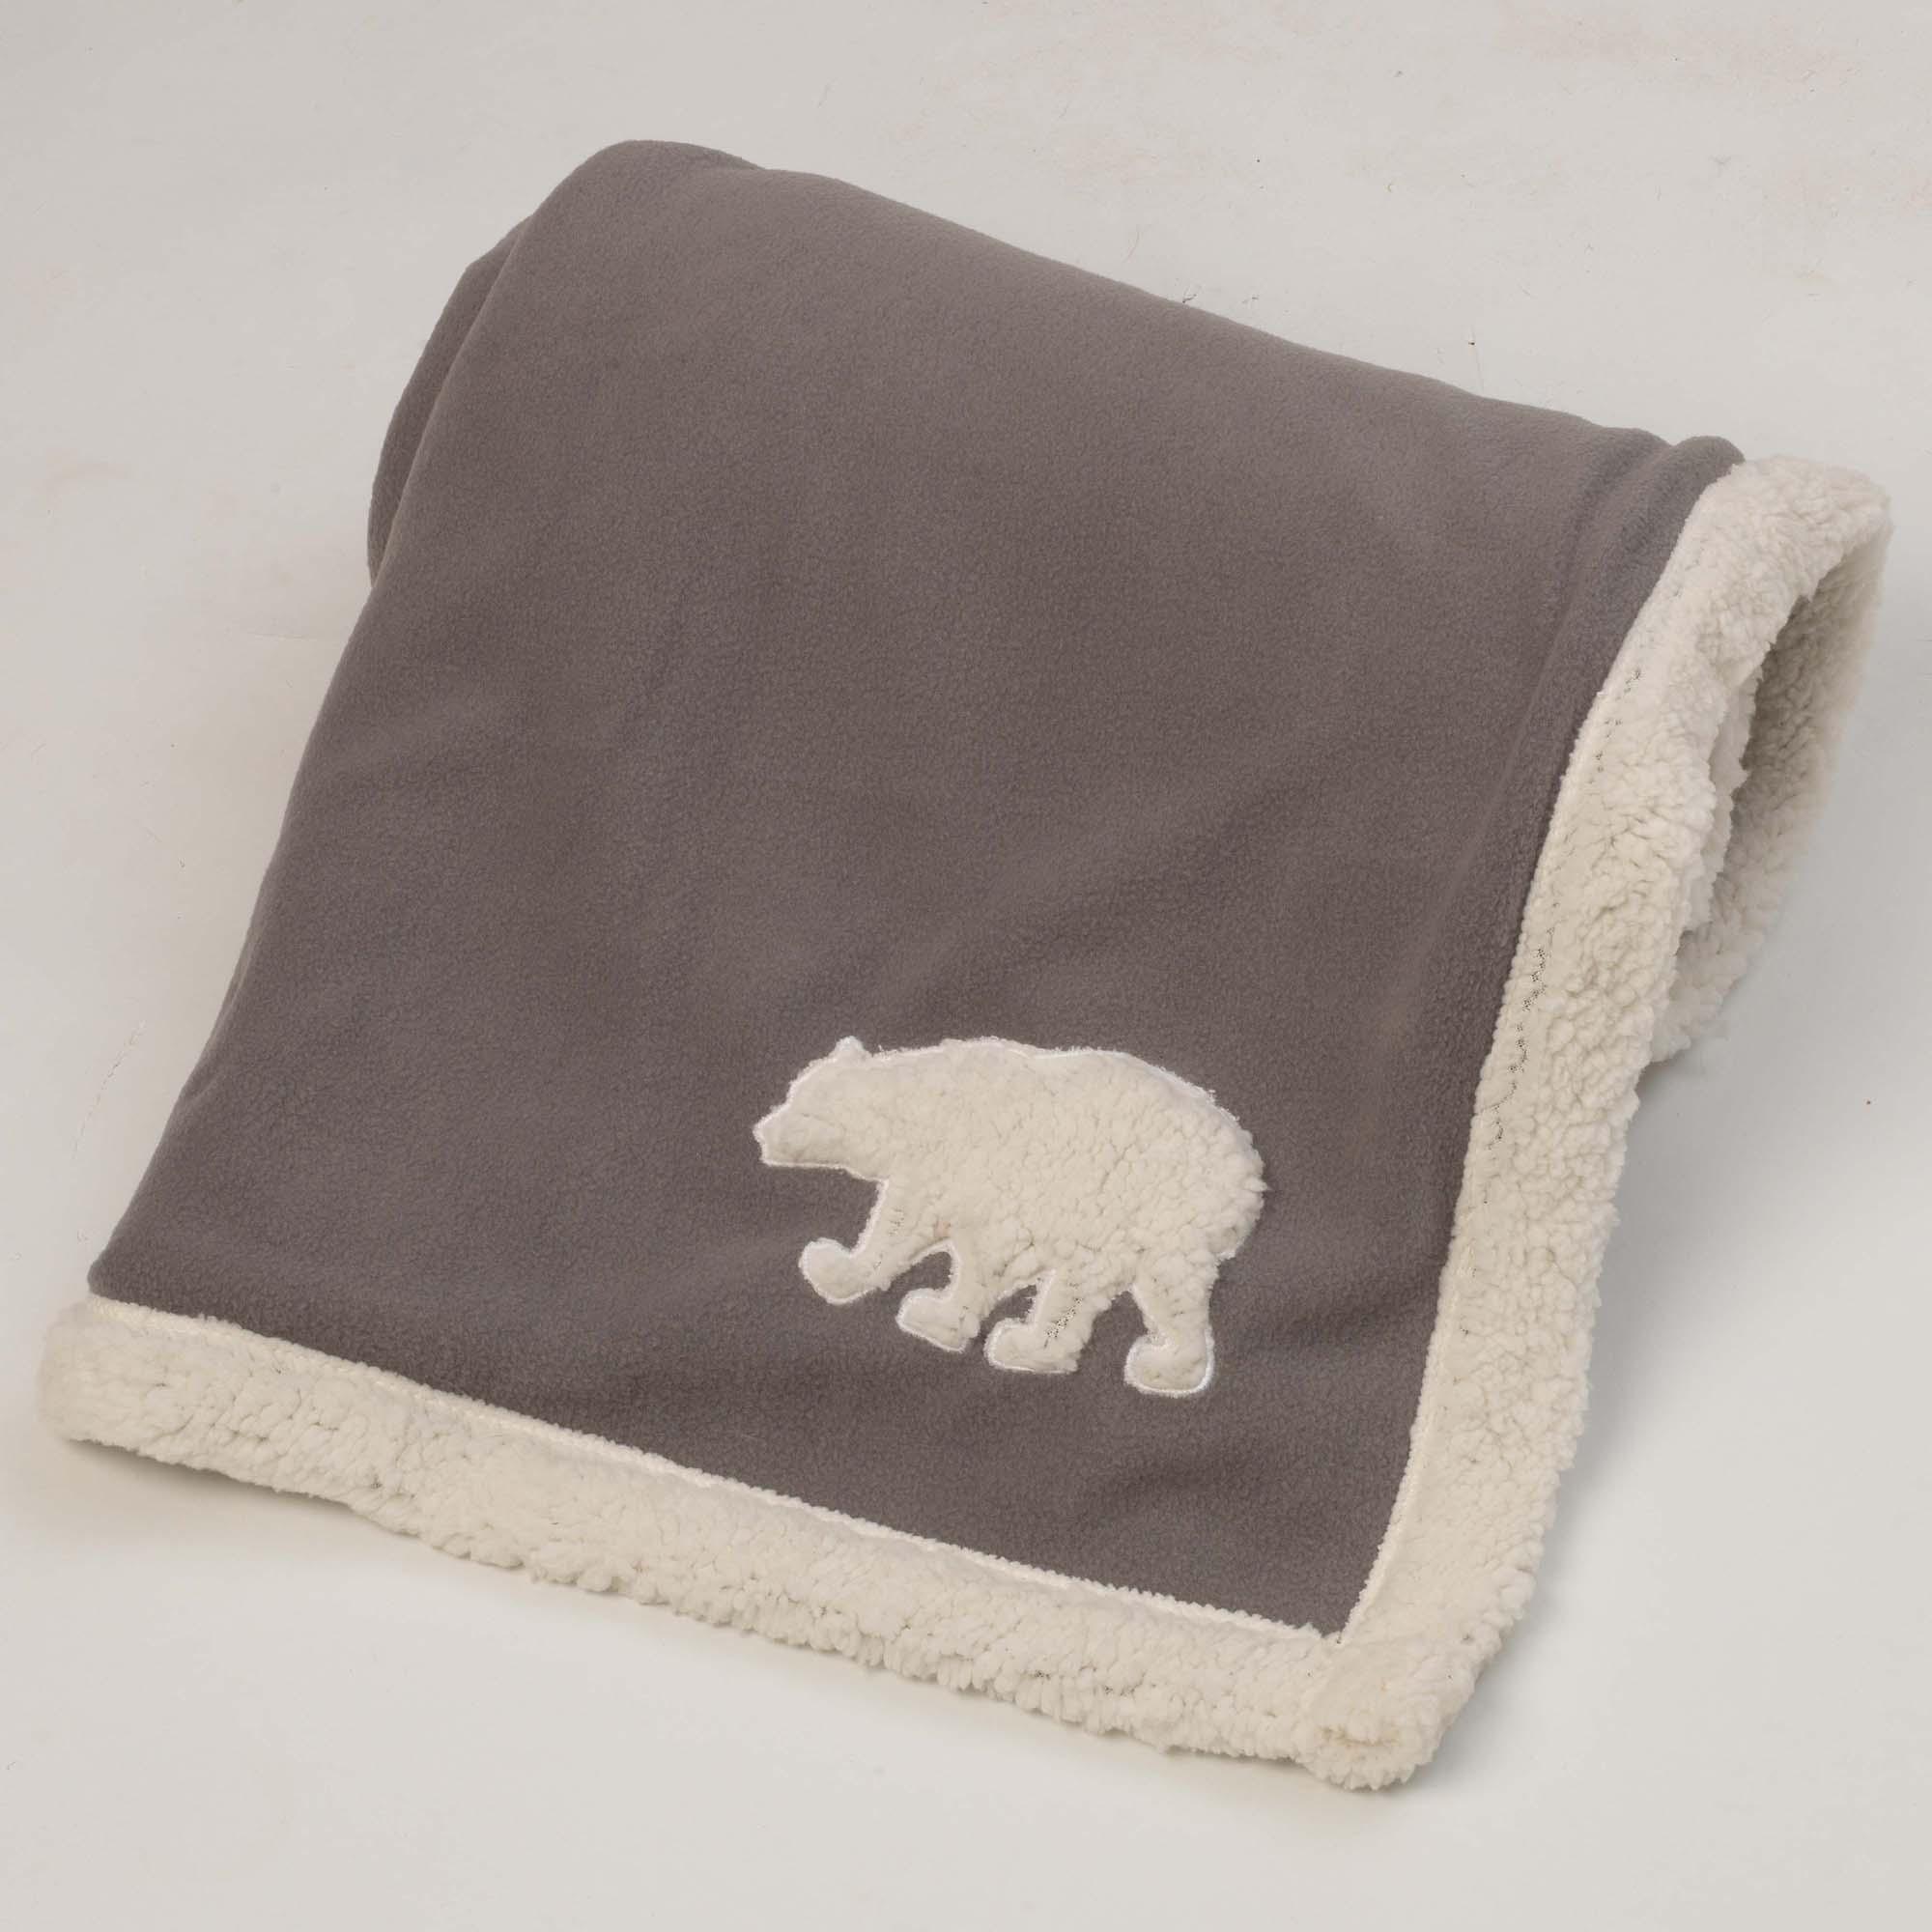 Jackson Polar Bear Fleece Dog Blanket - Gray